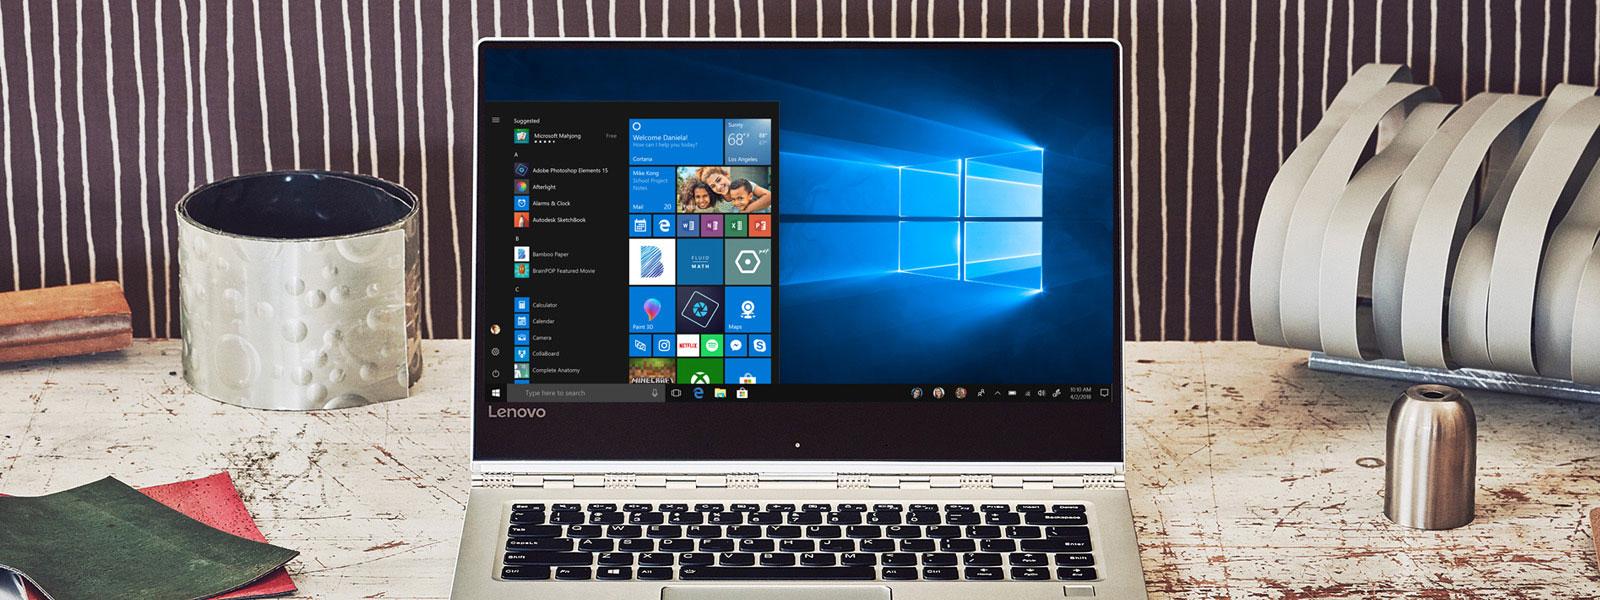 Laptop na stole s obrazovkou Štart systému Windows 10